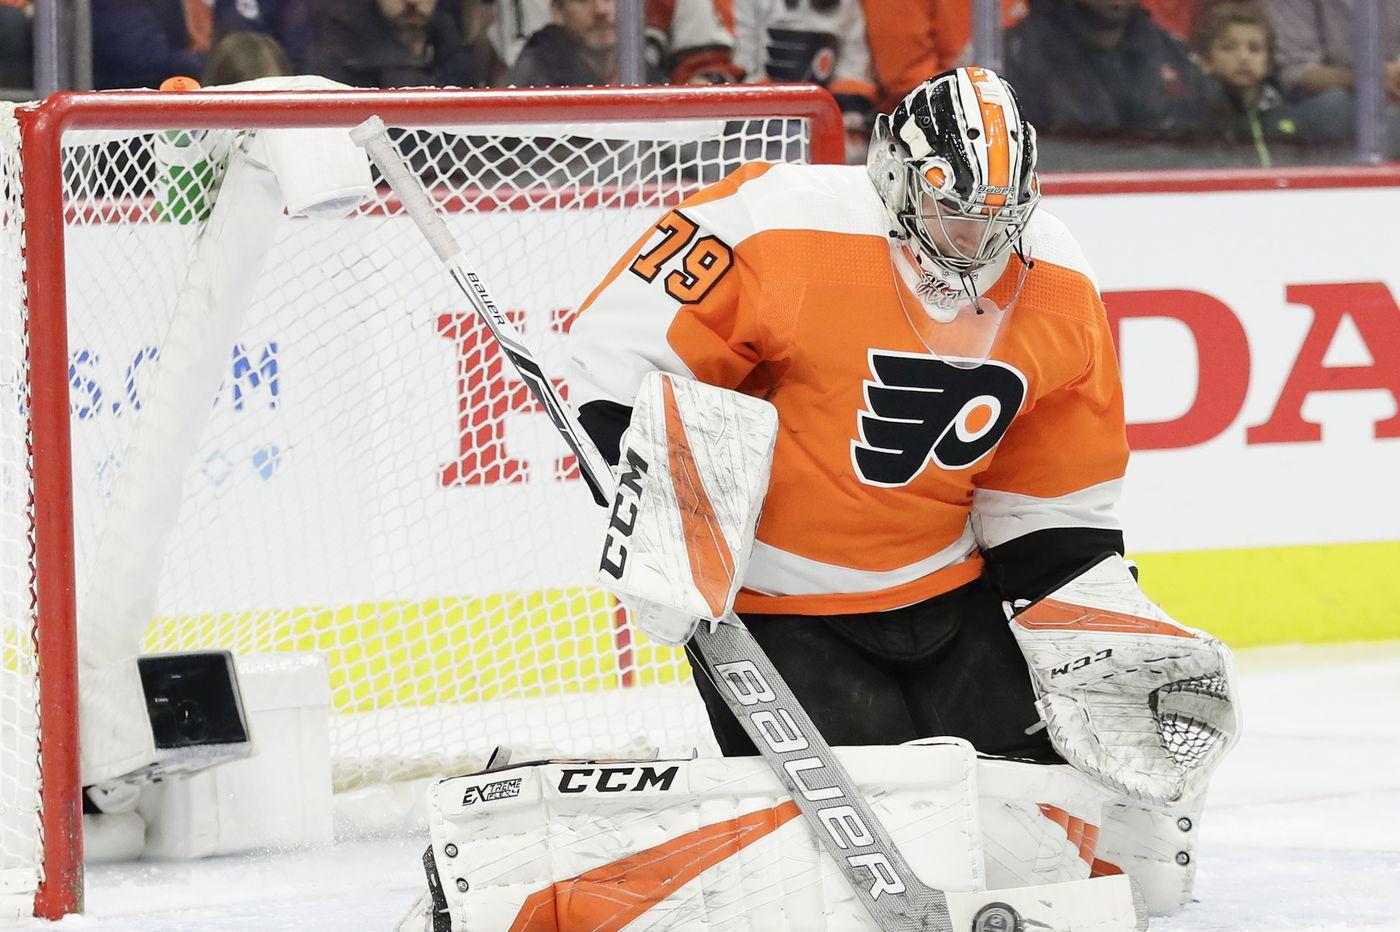 It's Carter Hart vs. Bruins' Tuukka Rask as Flyers aim for 6th straight; 'Ghost' making slow progress